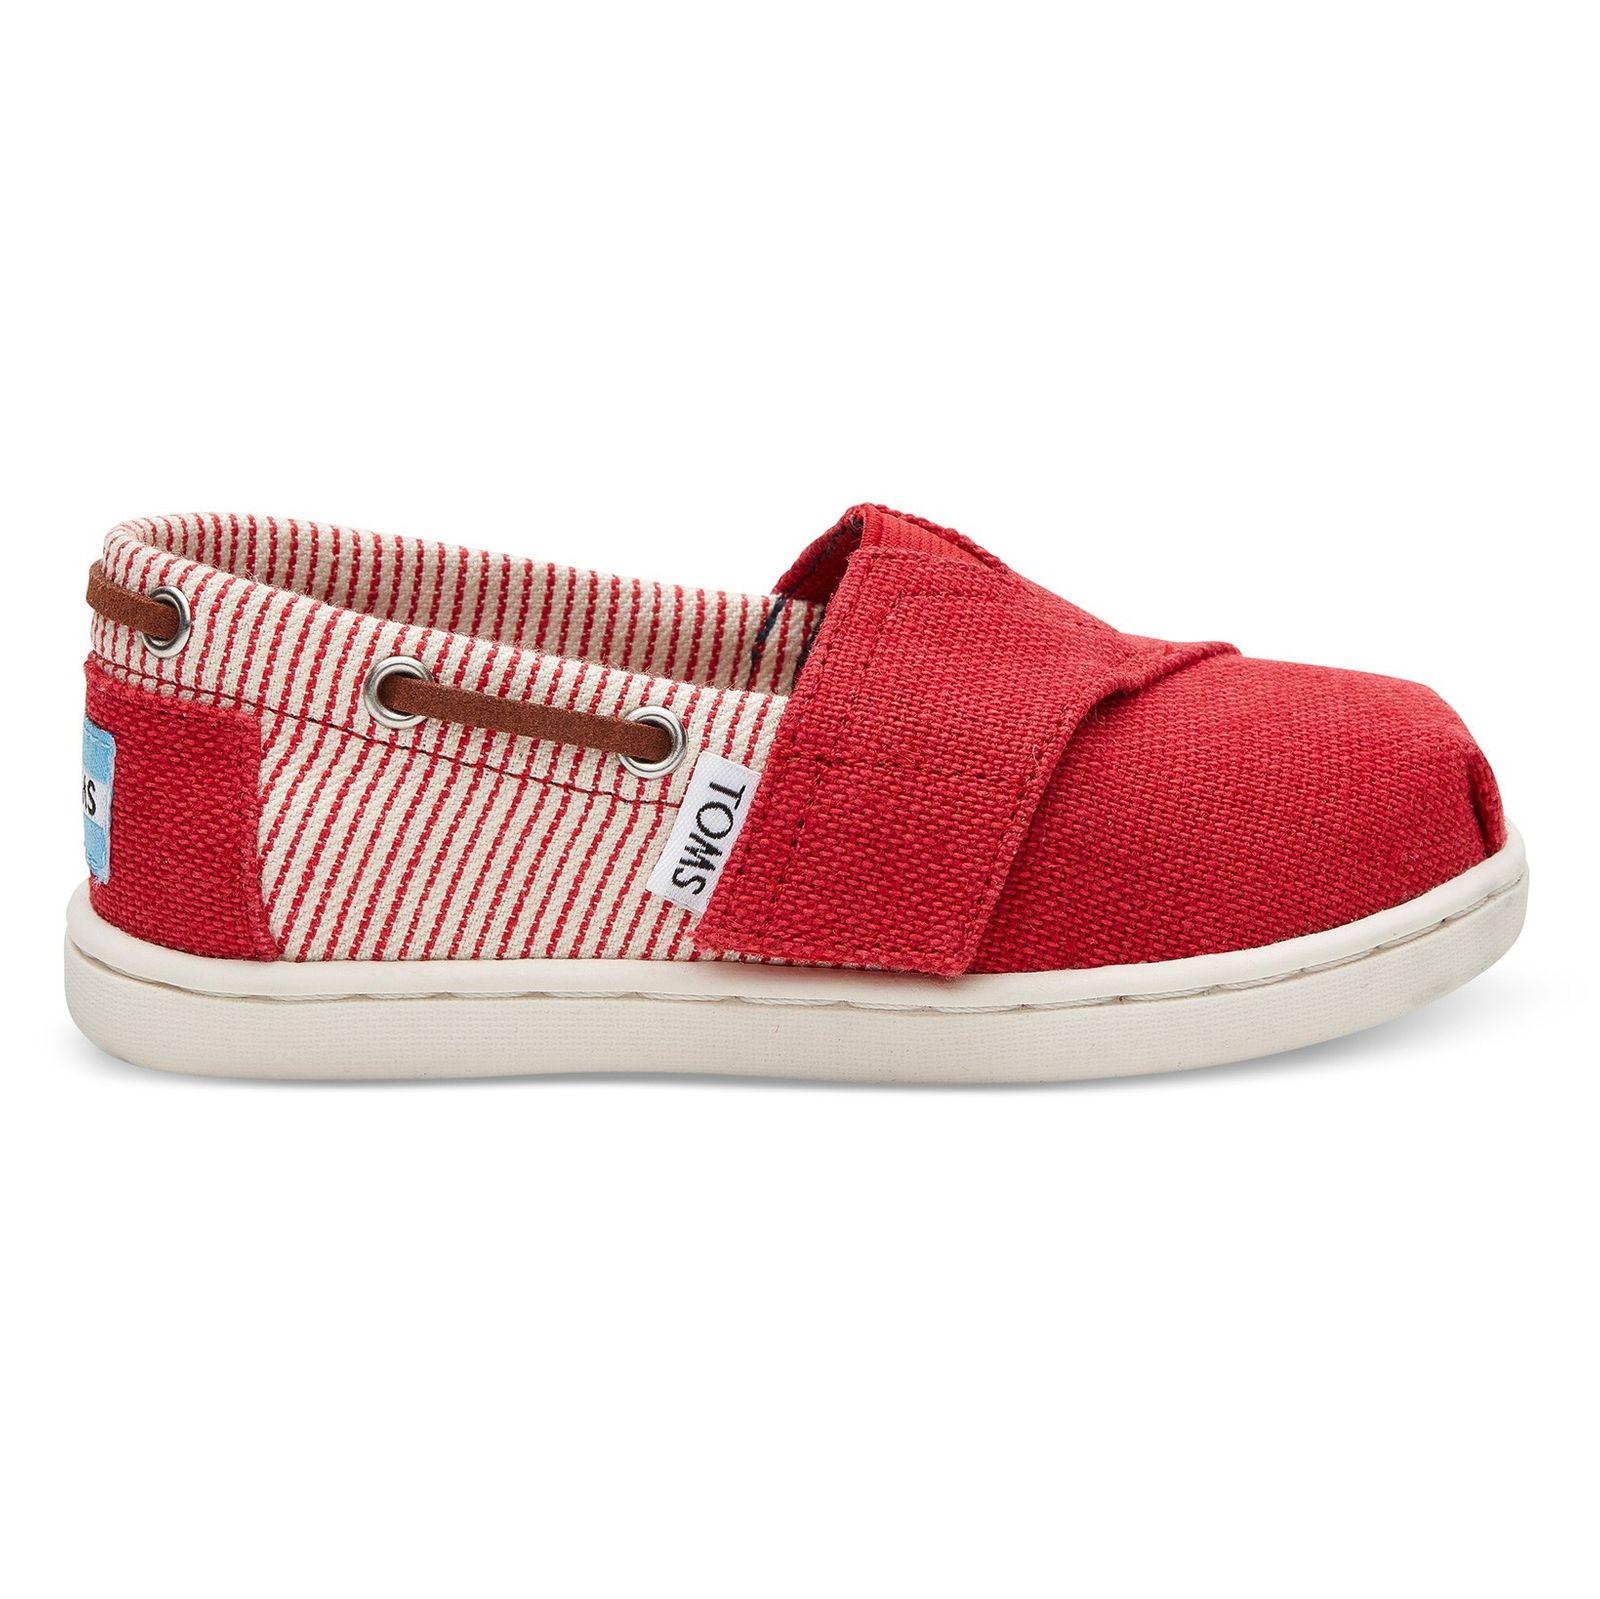 کفش راحتی پارچه ای بچه گانه - تامز - قرمز - 1